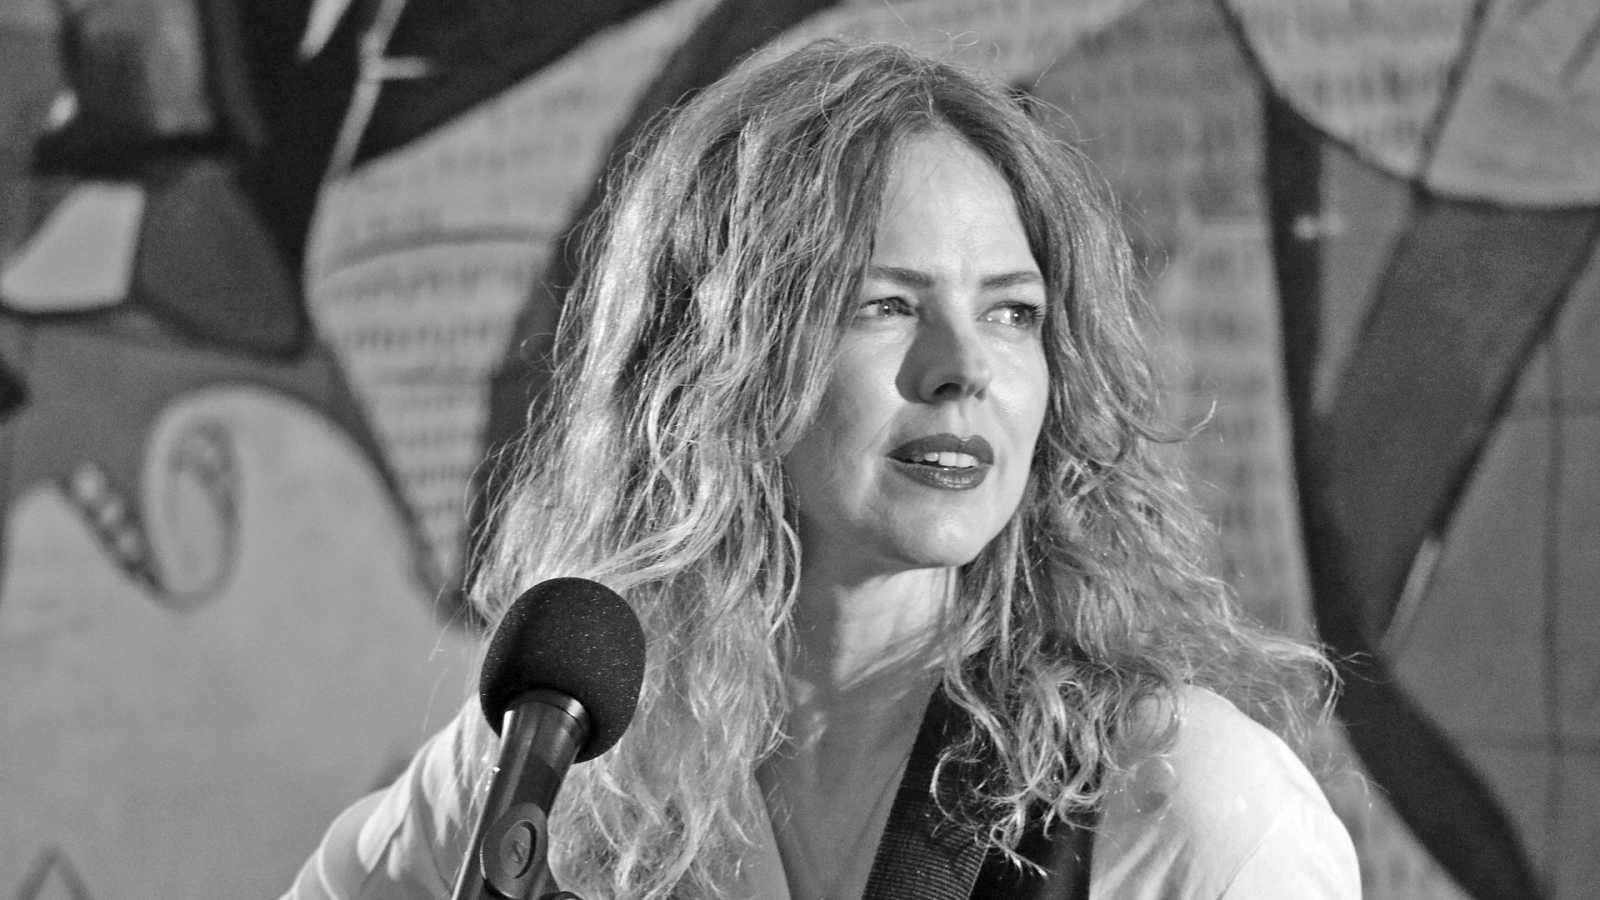 Suena Guernica - Christina Rosenvinge - 31/05/17 - Ver ahora